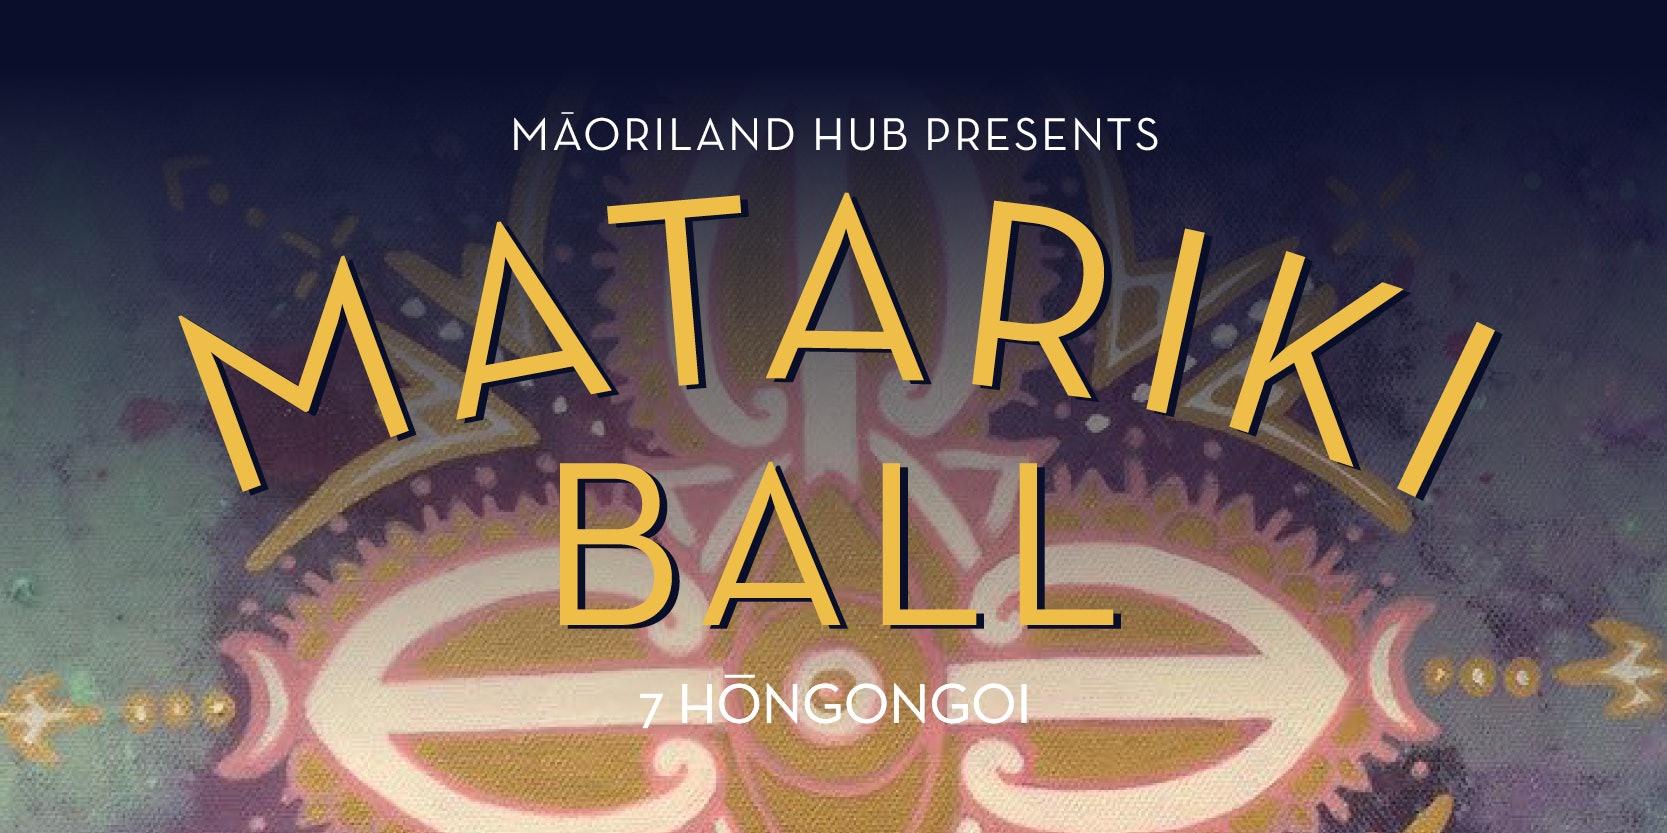 Matariki Ball